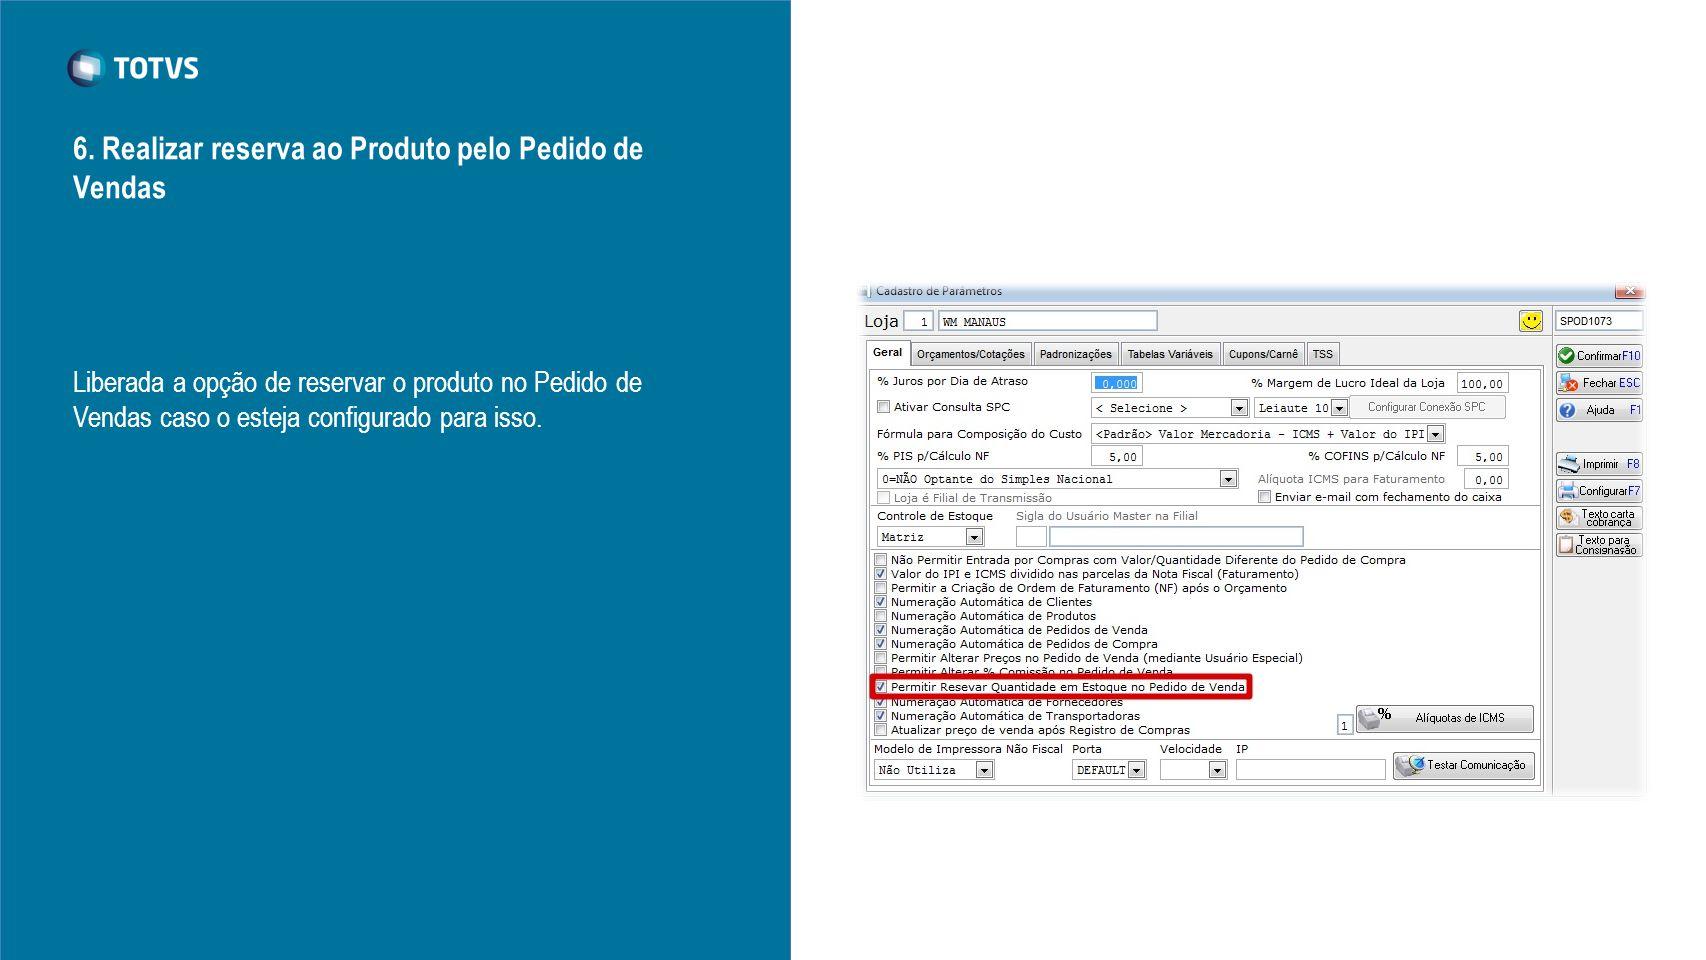 6. Realizar reserva ao Produto pelo Pedido de Vendas Liberada a opção de reservar o produto no Pedido de Vendas caso o esteja configurado para isso.